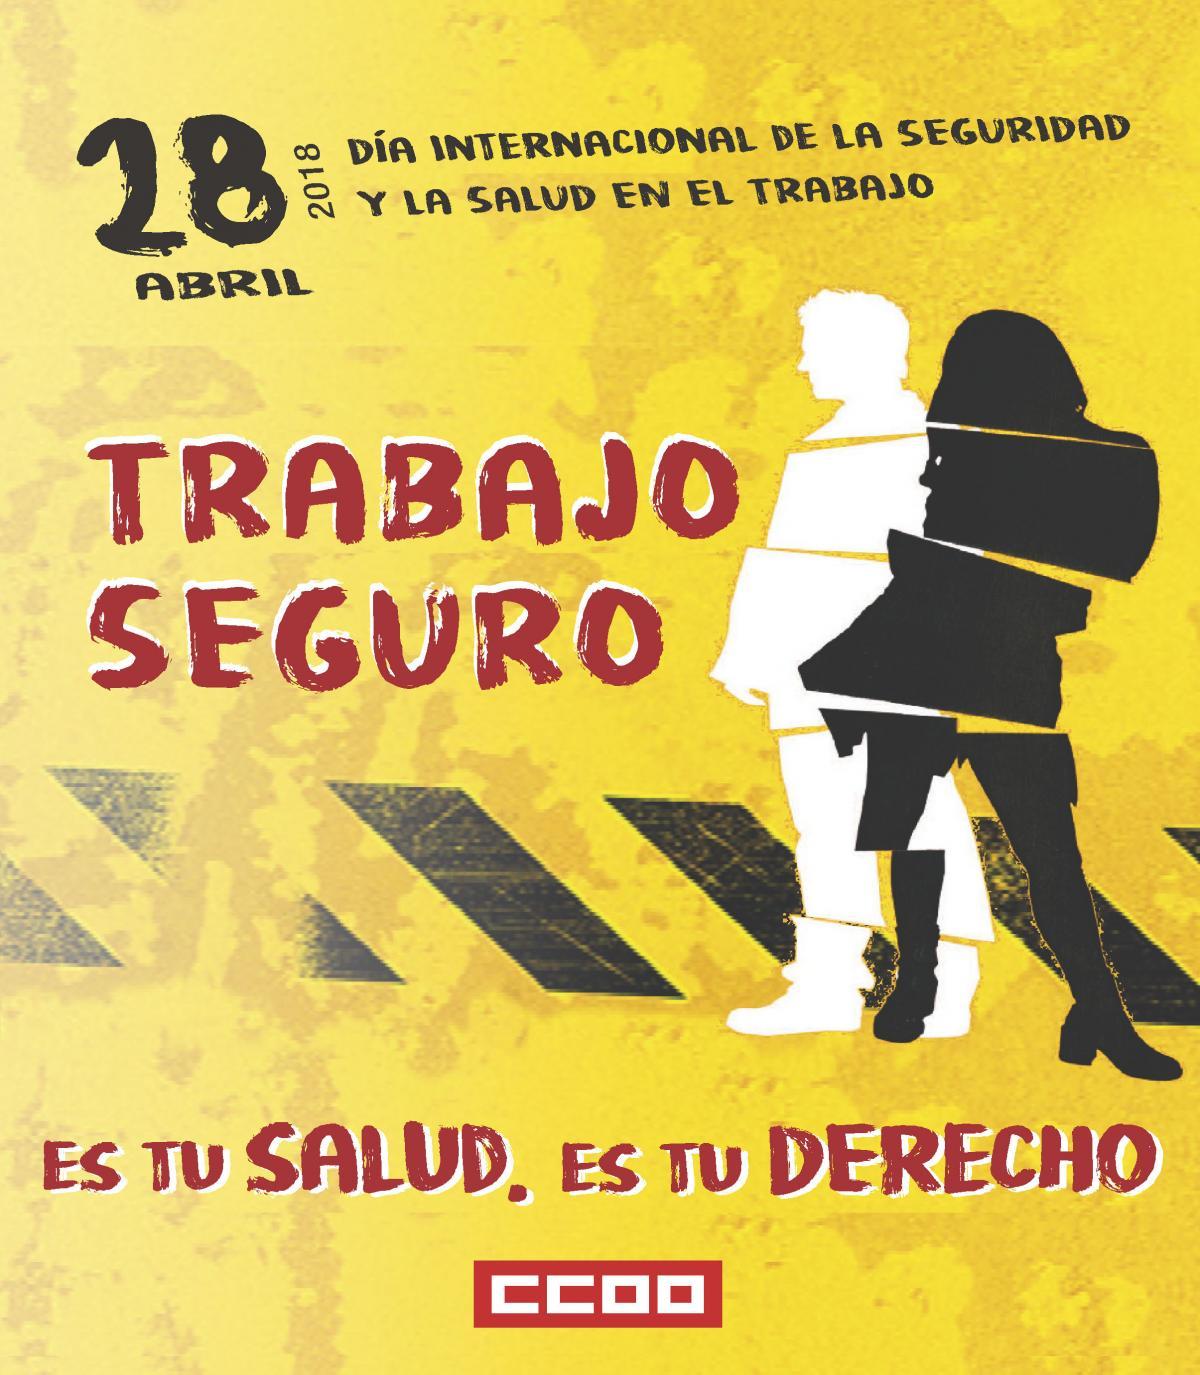 Día Internacional de la Salud y la Seguridad en el Trabajo.